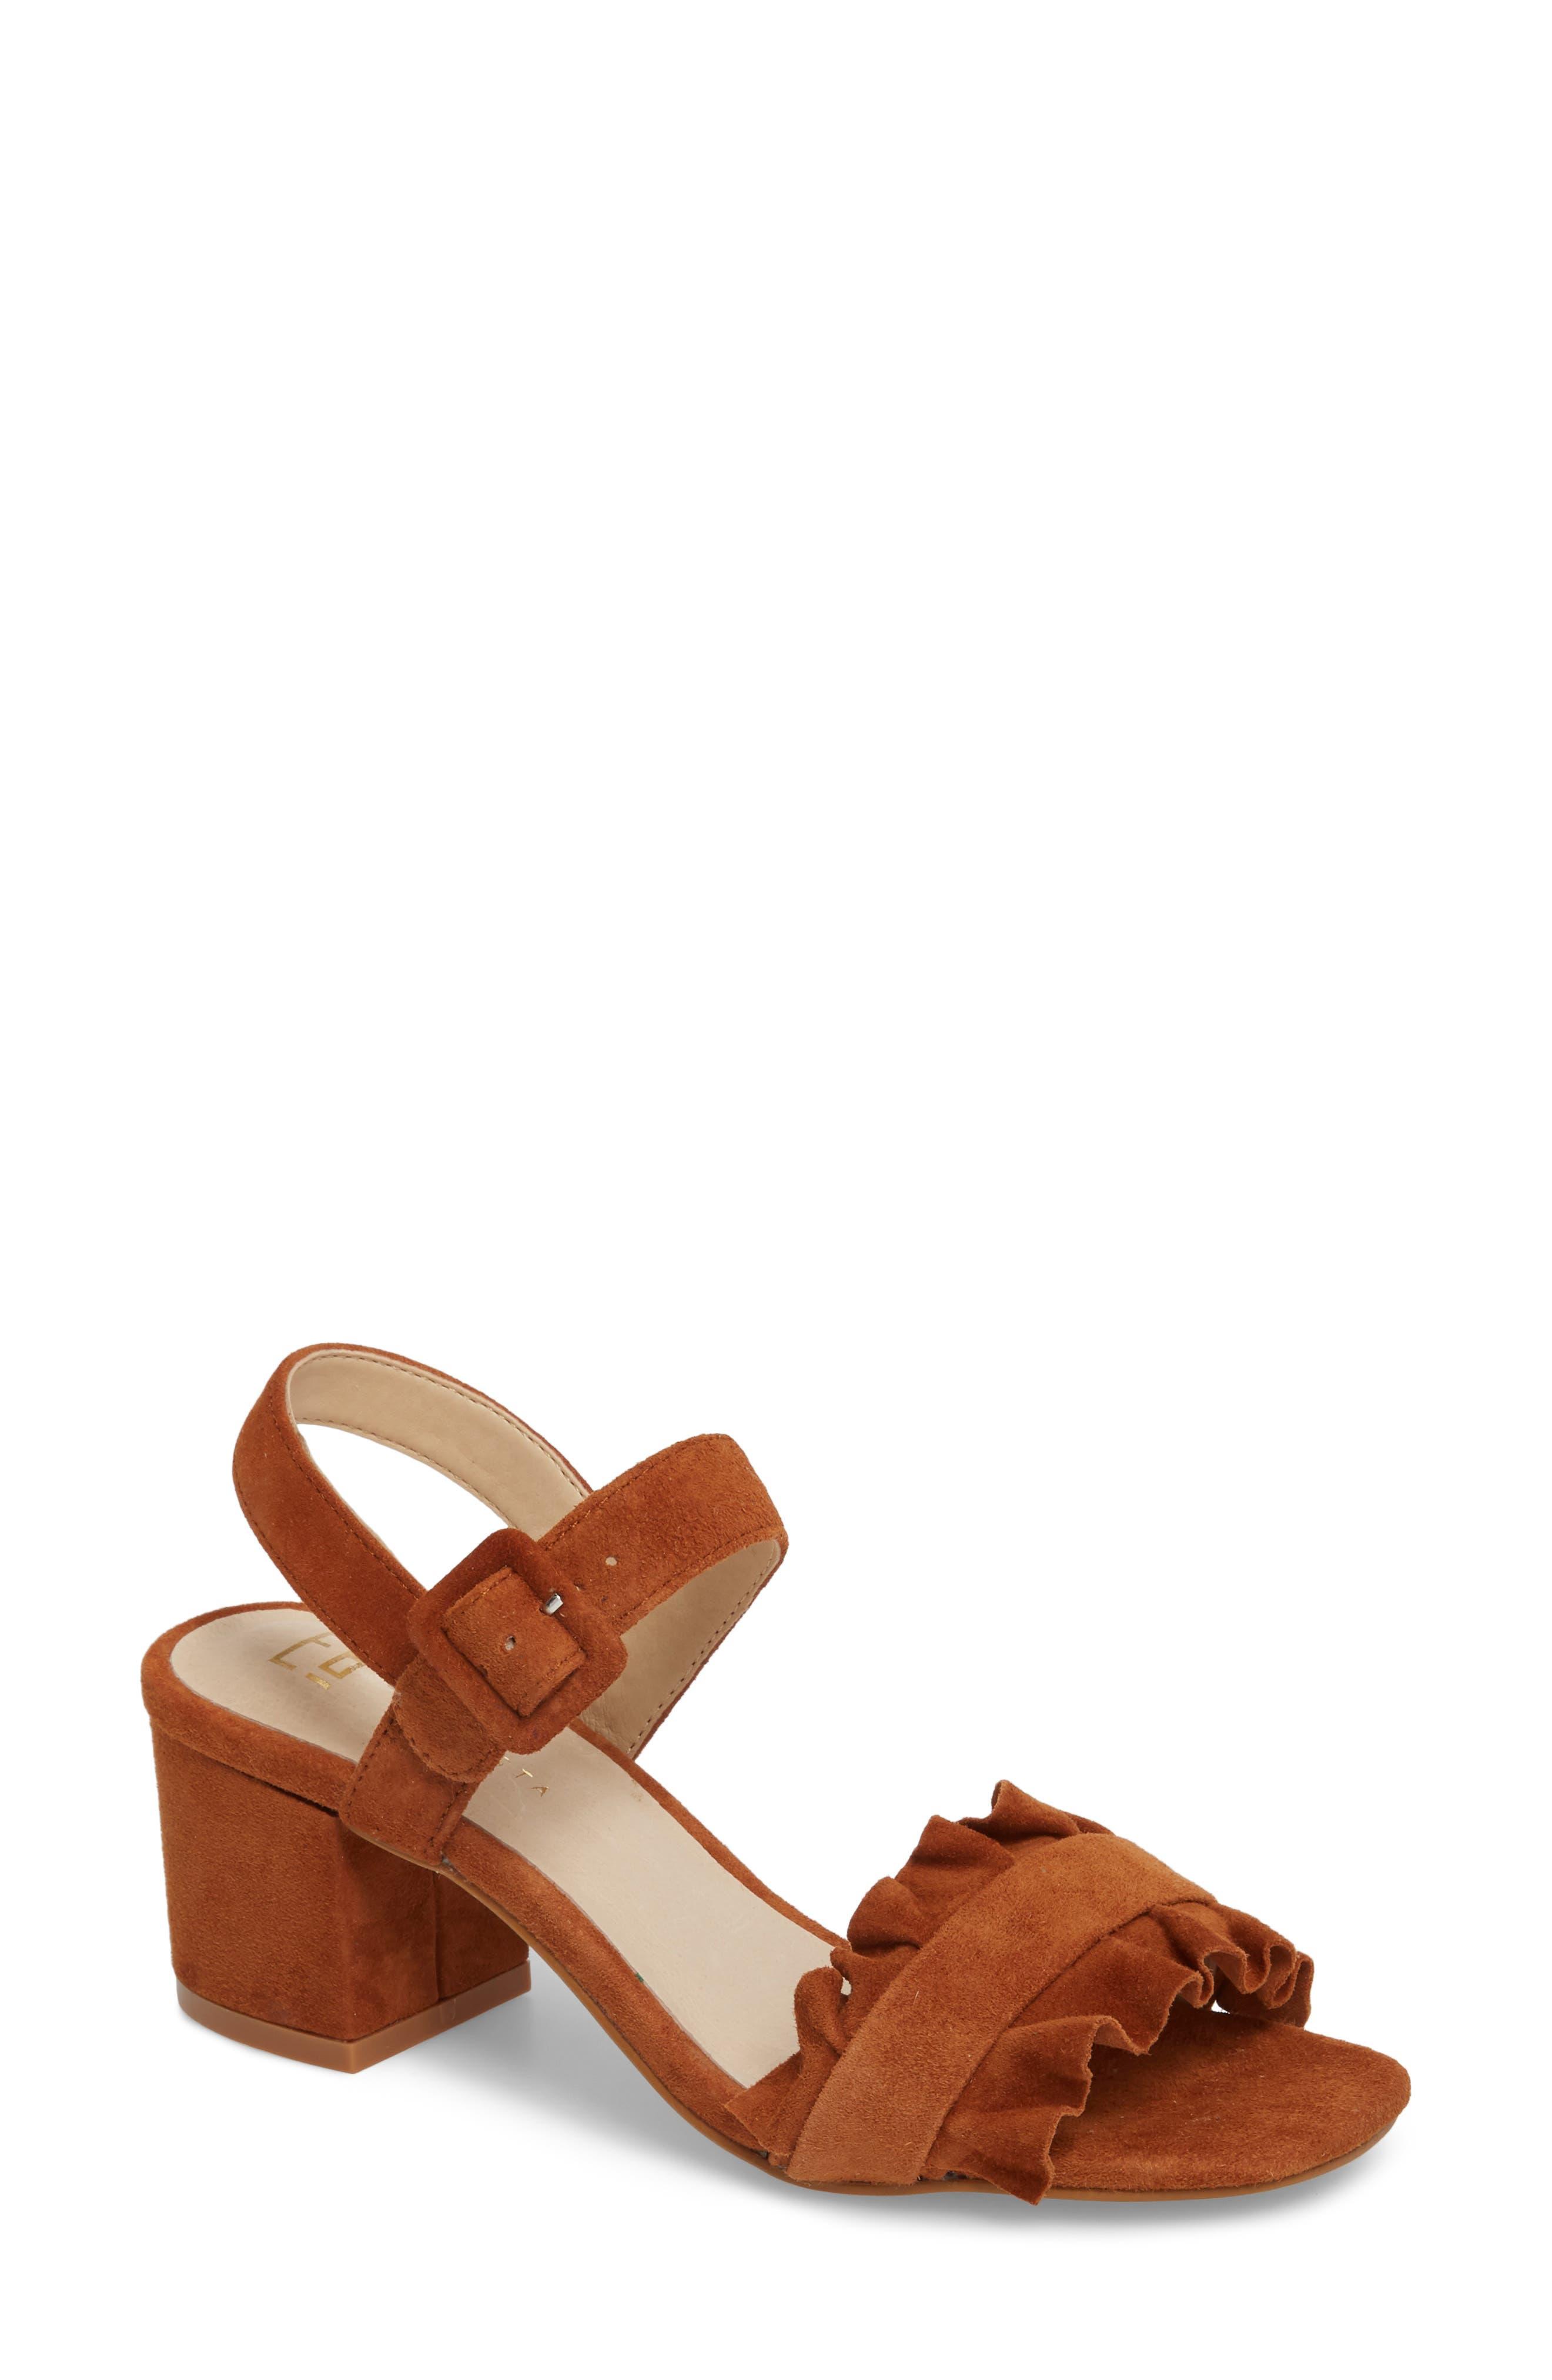 E8 by Miista Sandie Block Heel Sandal (Women)